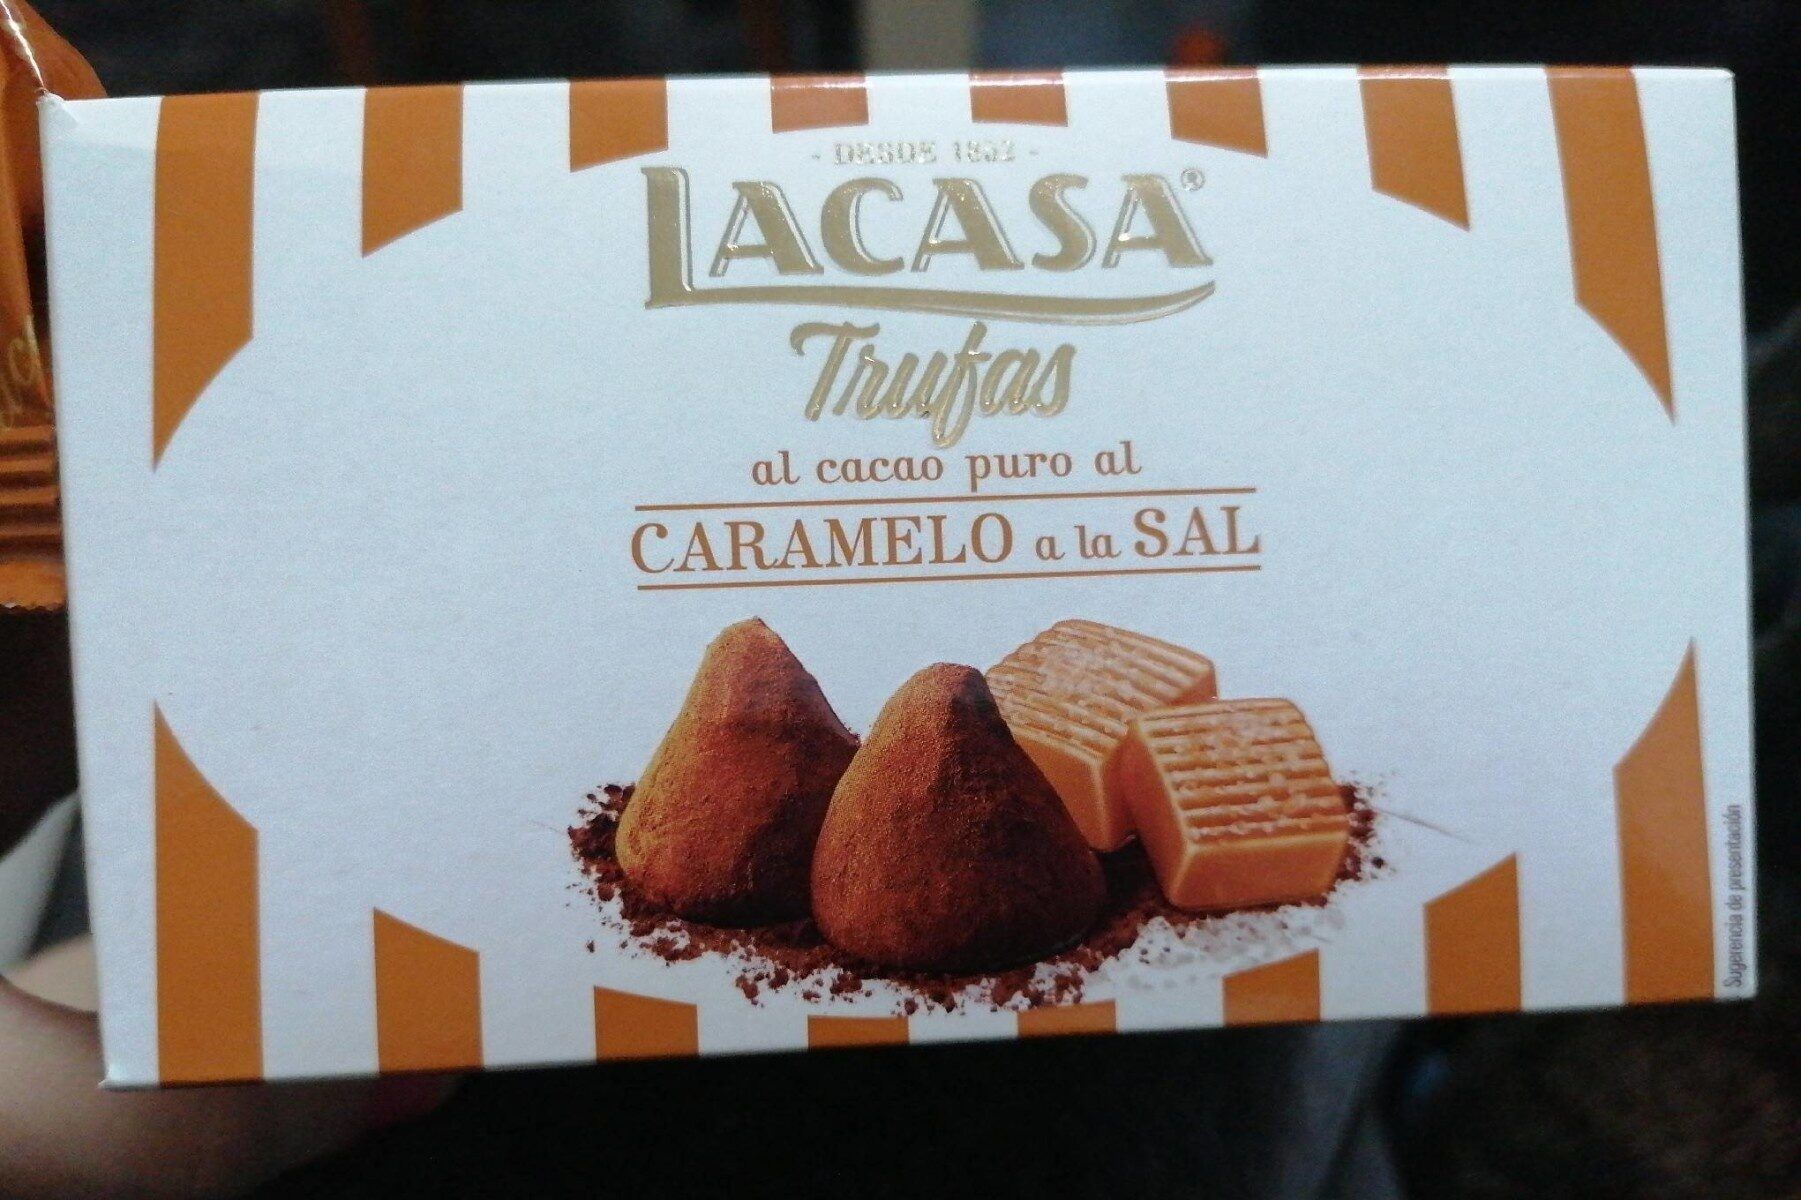 Trufas al cacao puro, caramelo y sal - Product - es